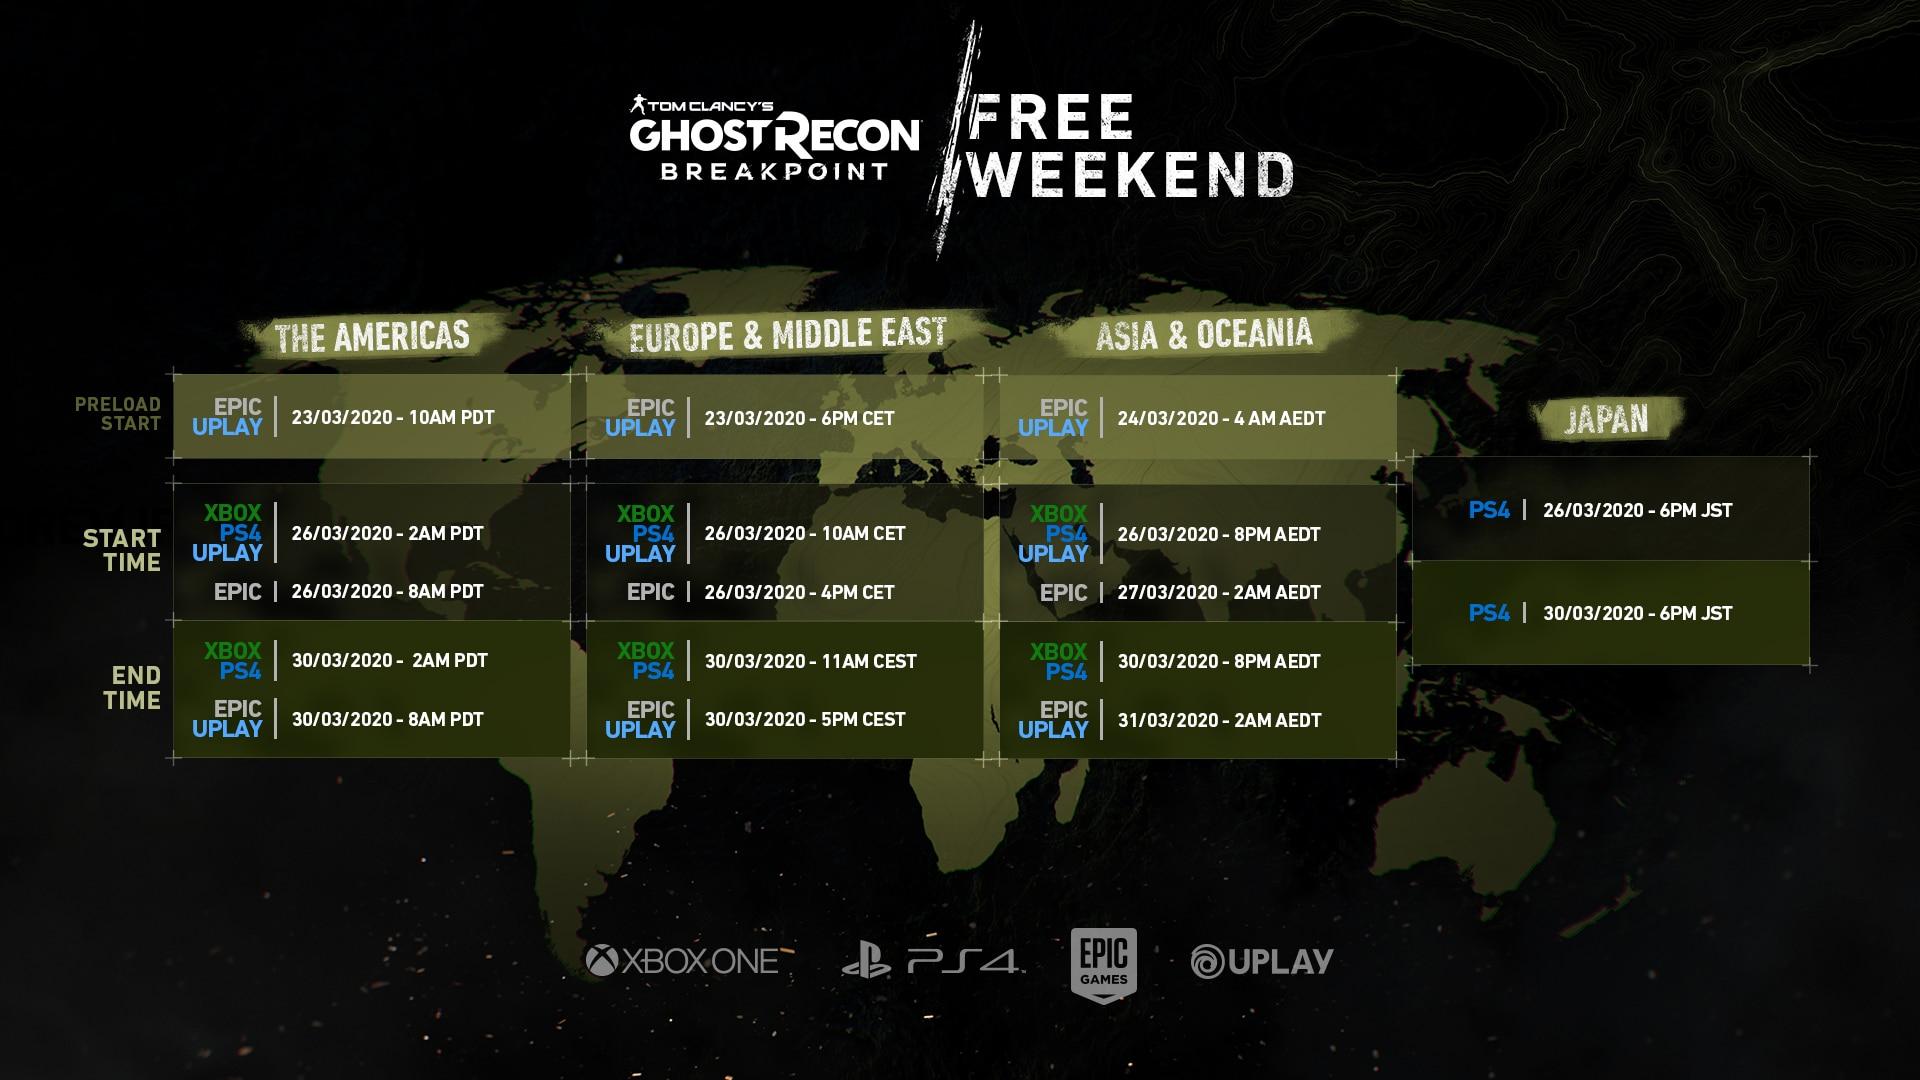 Ghost Recon Breakpoint se ofrece gratis durante este fin de semana 2